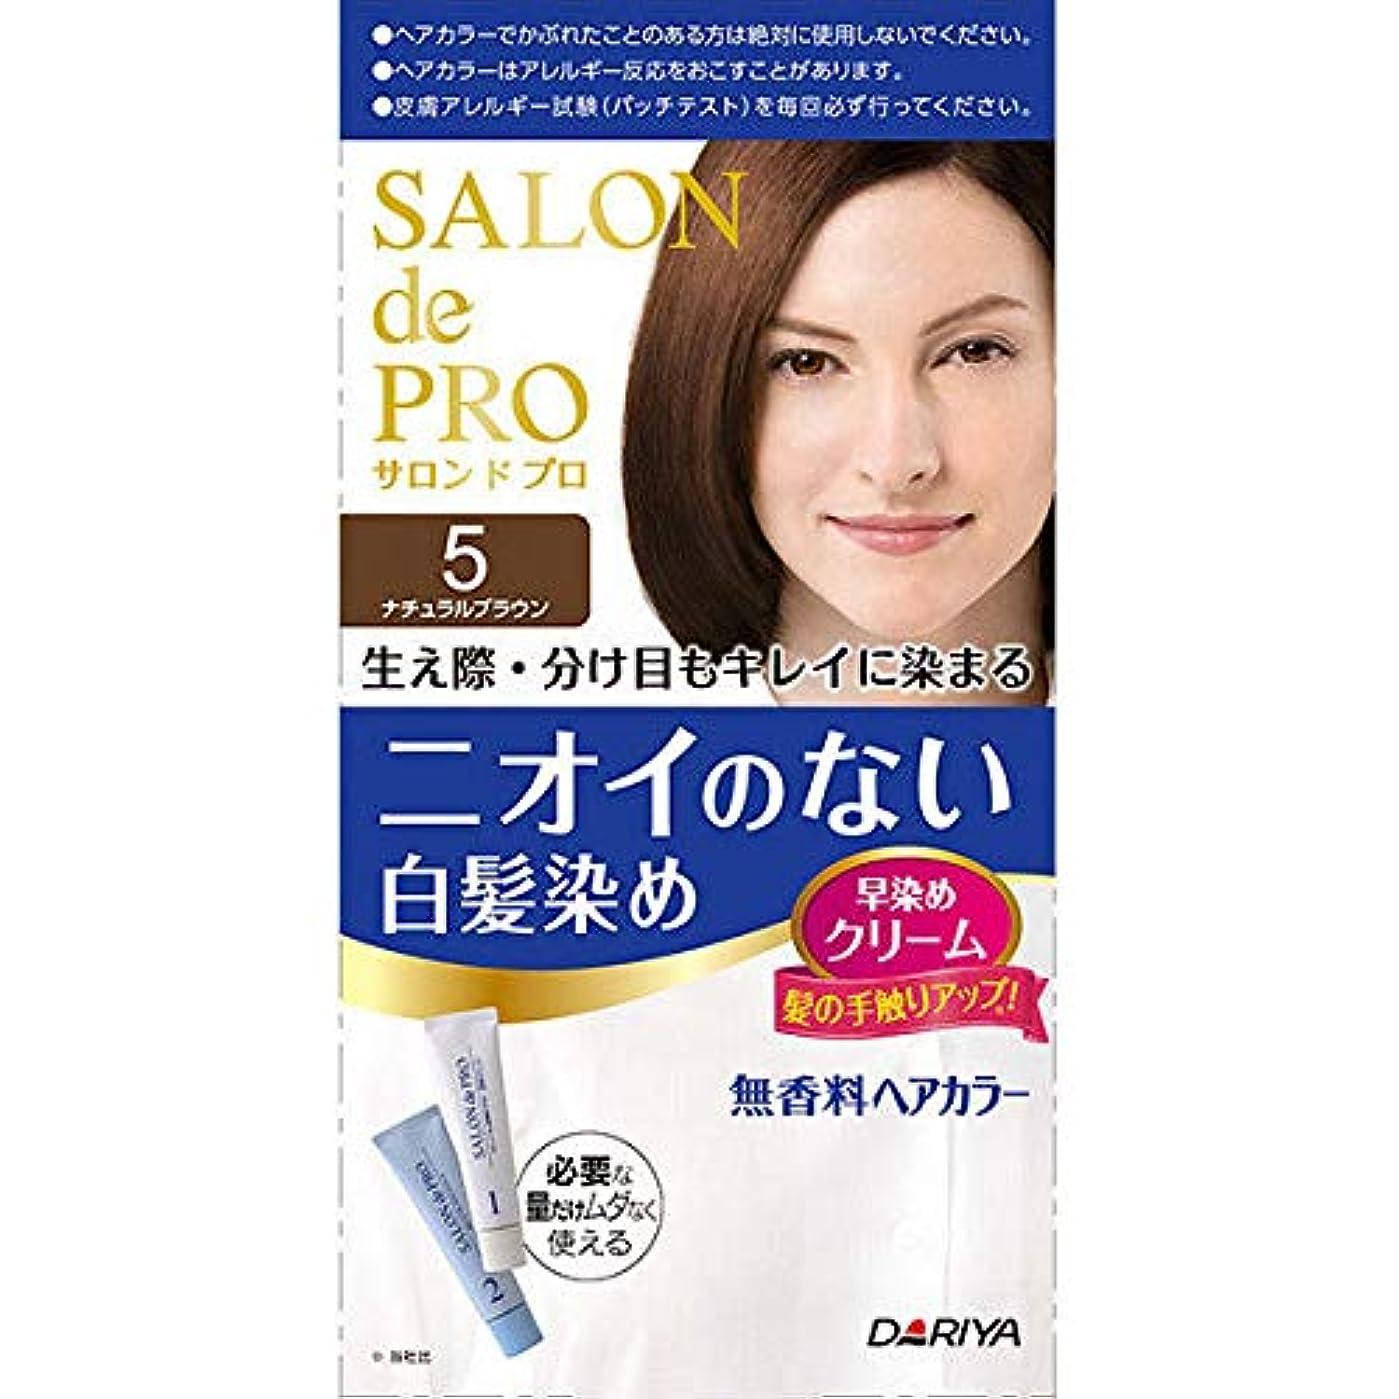 フィットネスキャラクター治世ダリヤ サロン ド プロ 無香料ヘアカラー 早染めクリーム(白髪用) 5 ナチュラルブラウン 40g+40g